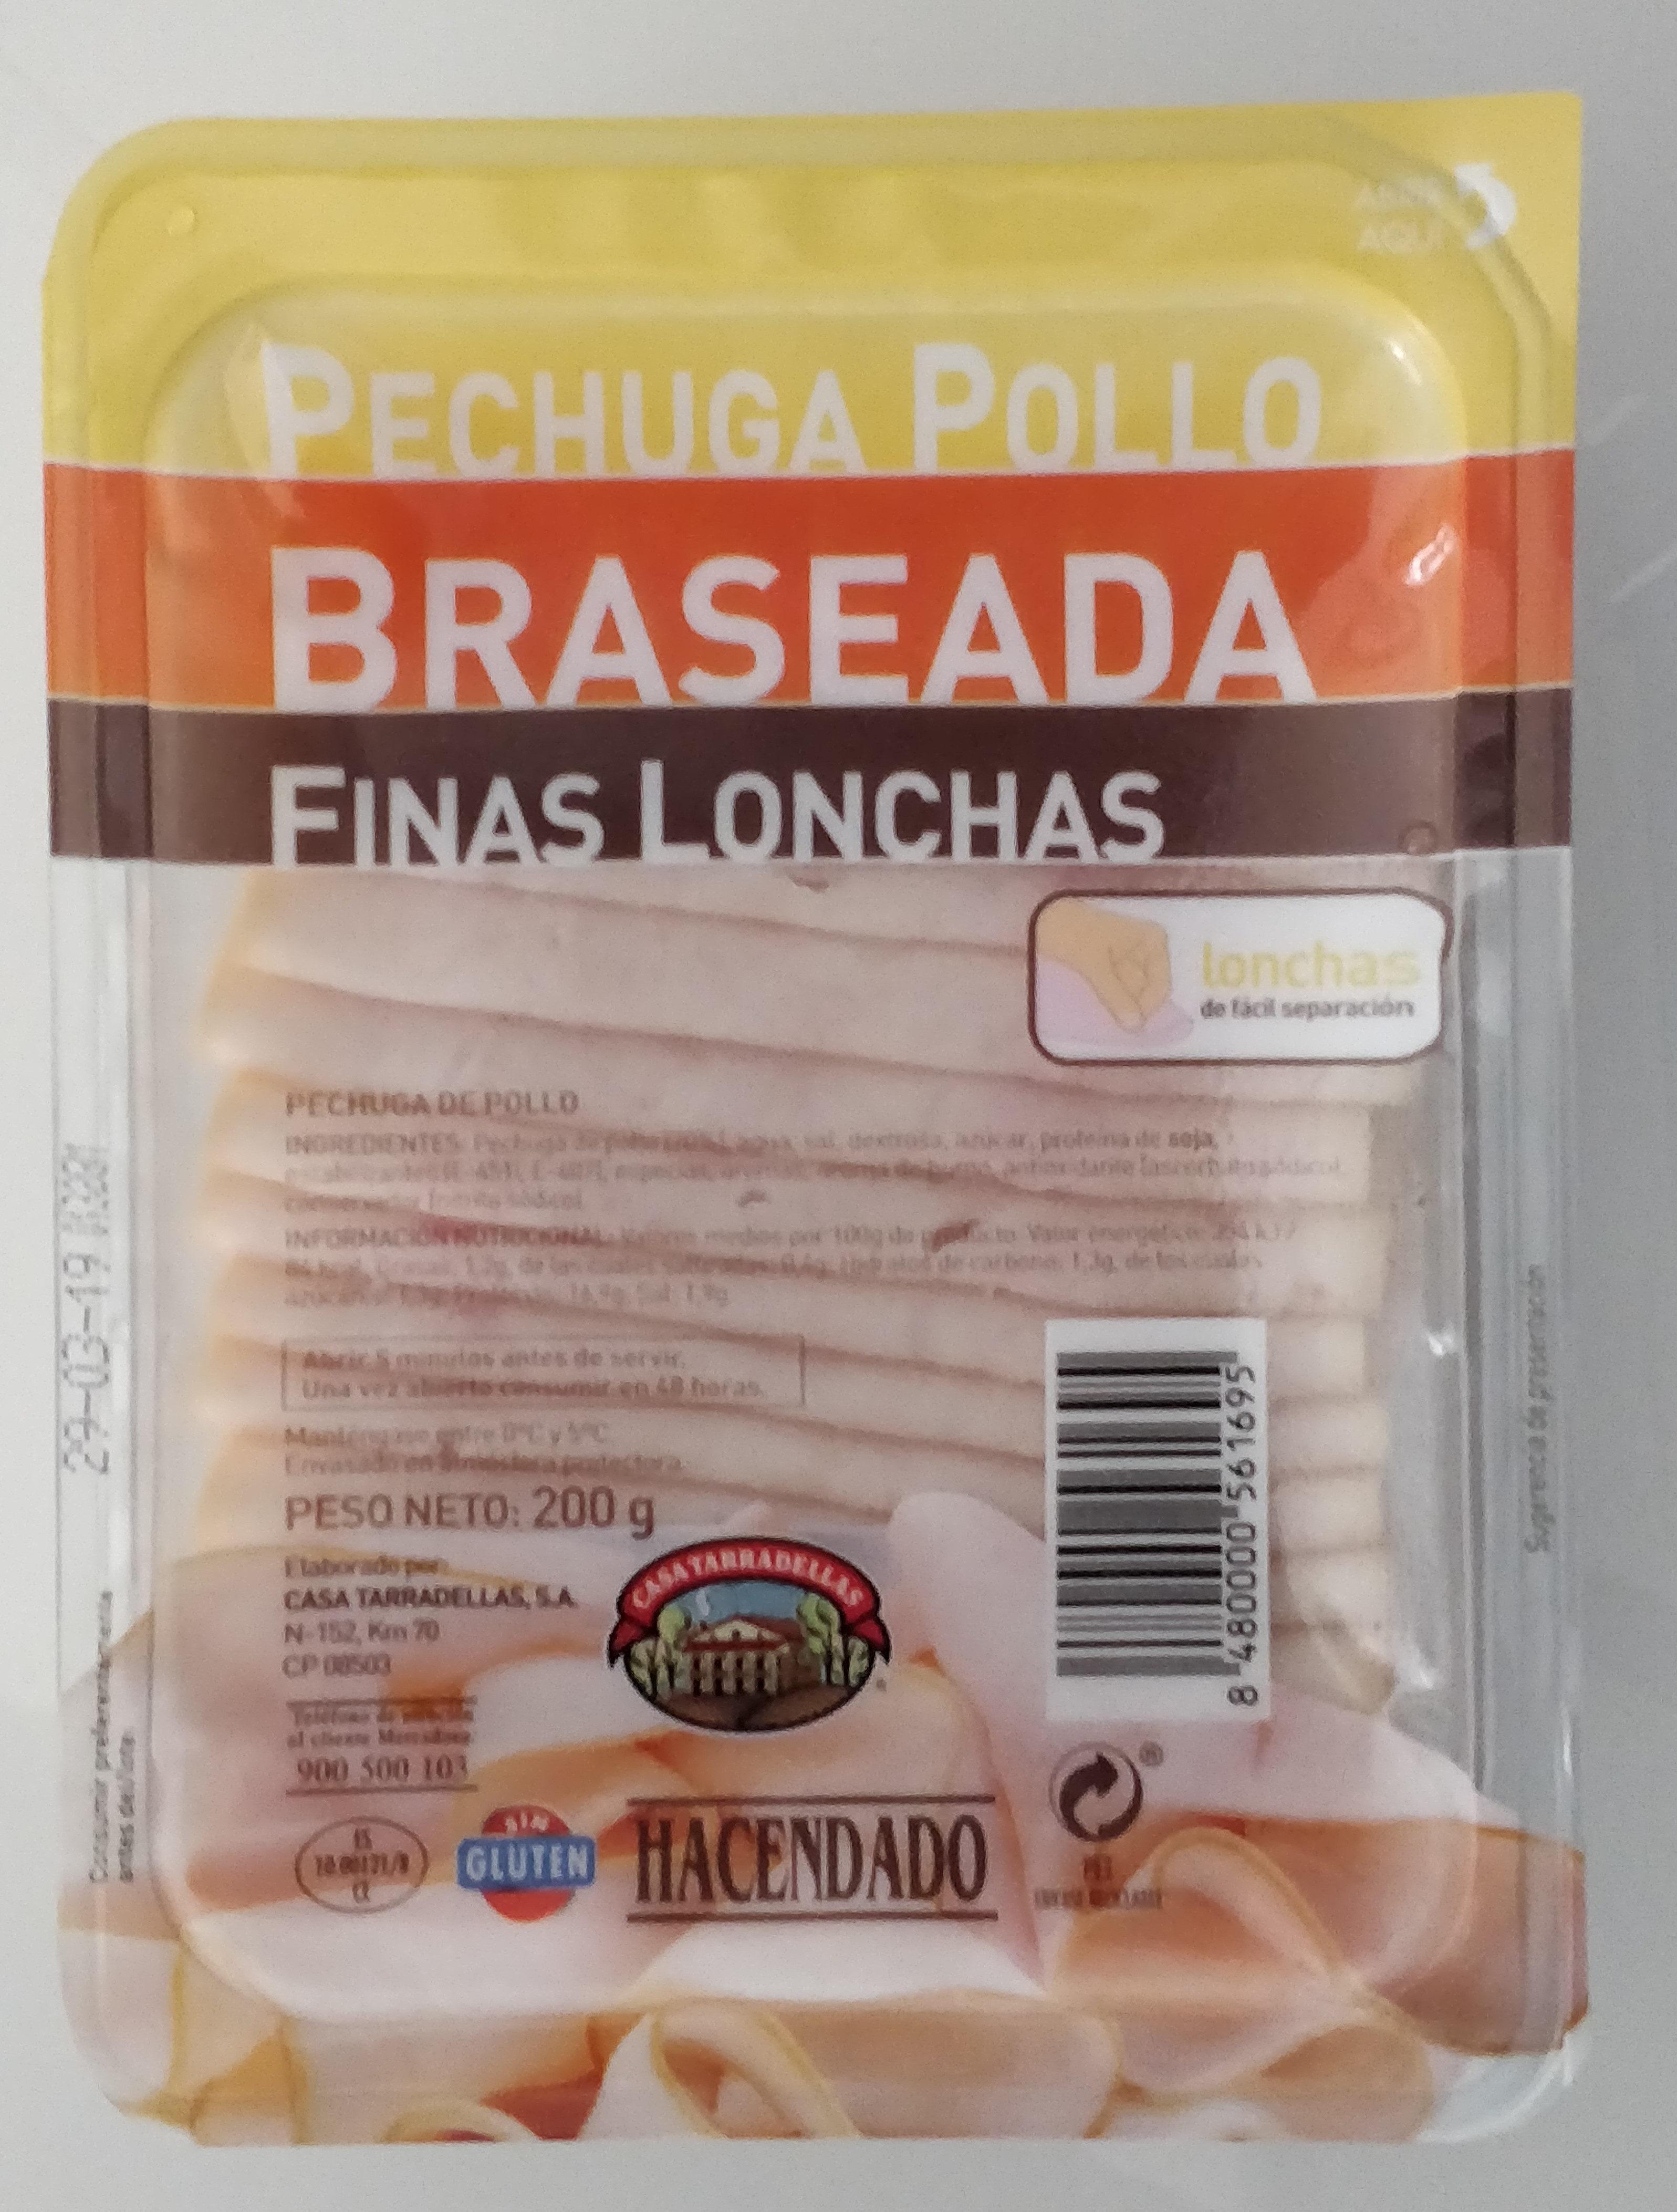 Pechuga pollo braseada finas lonchas - Product - es